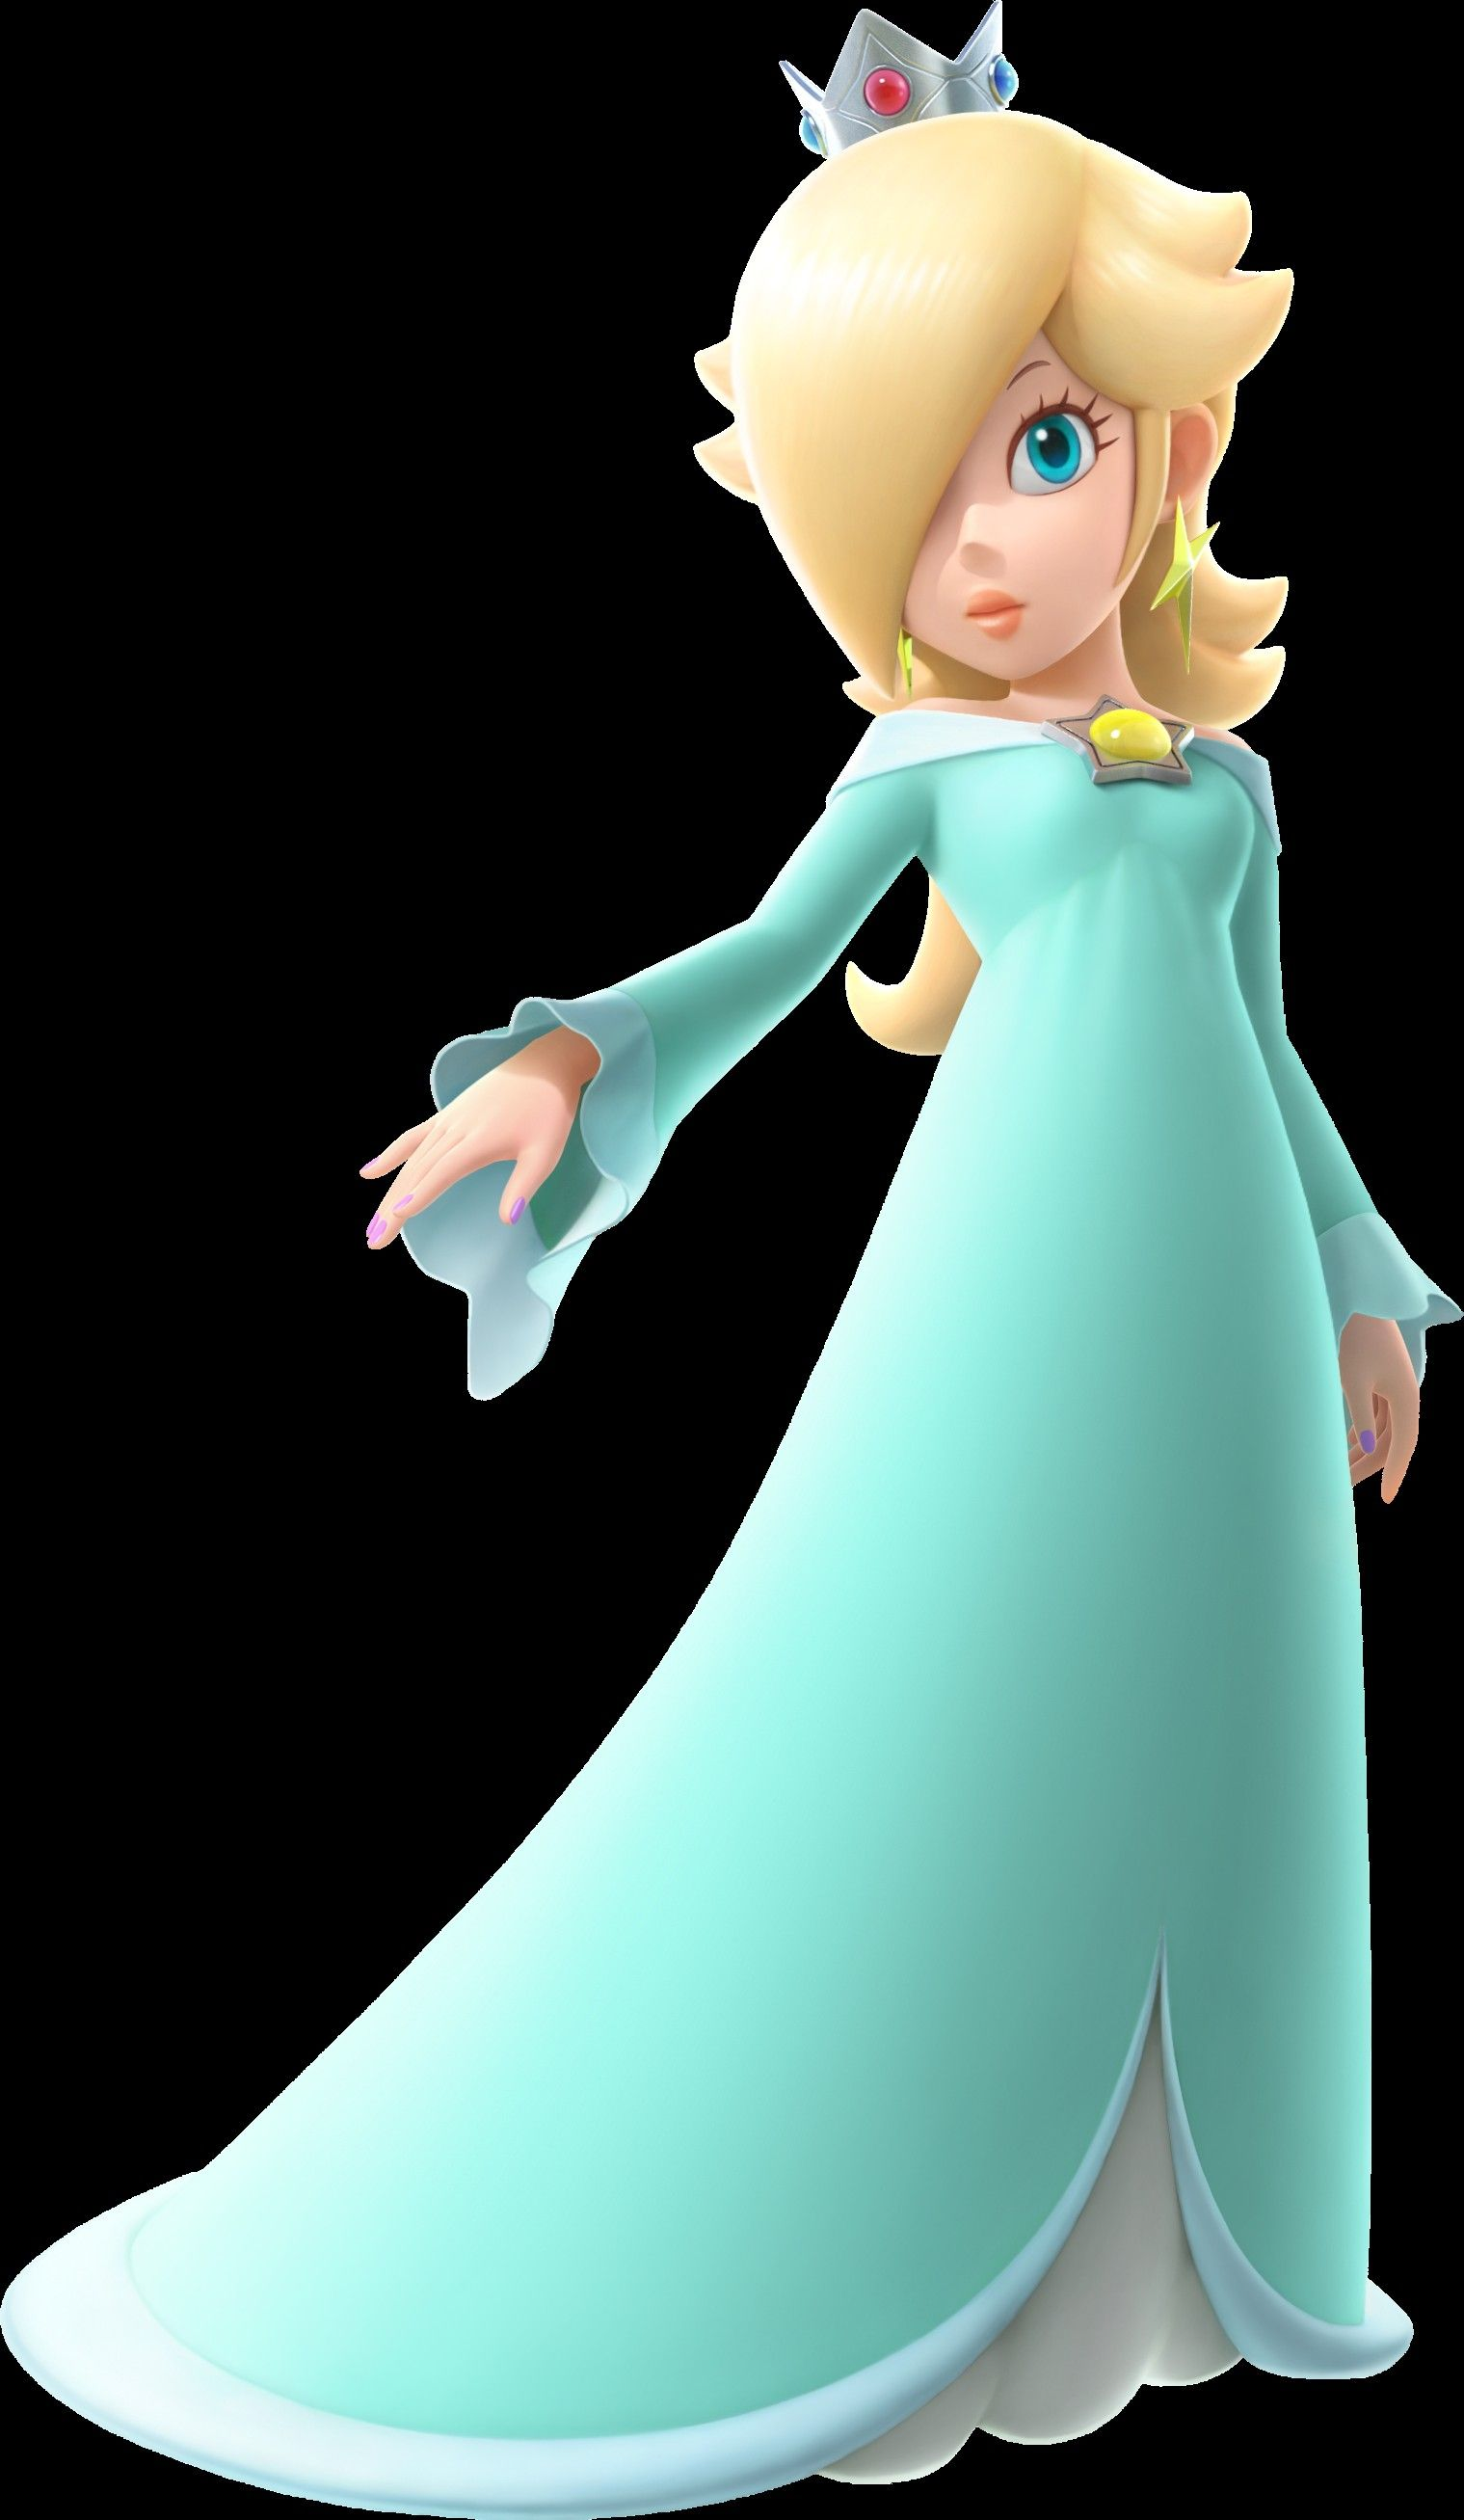 Cute Princess Rosalina